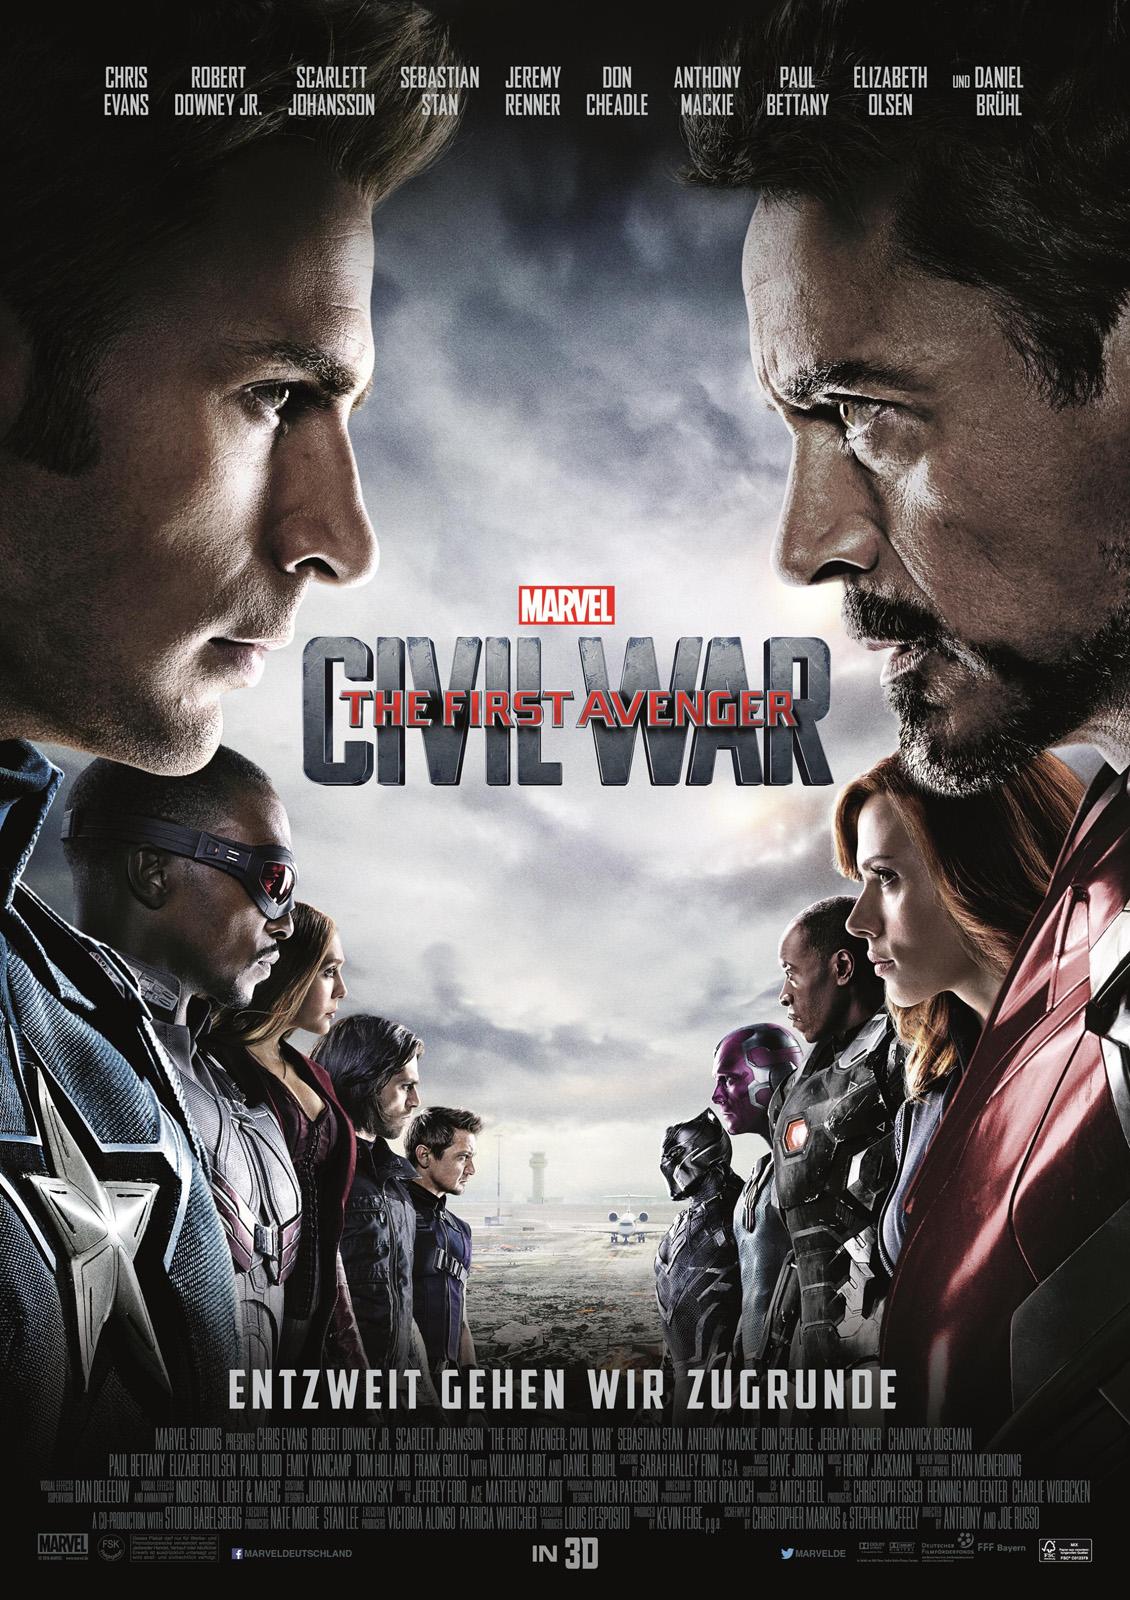 The First Avenger Civil War Film 2016 Filmstarts De